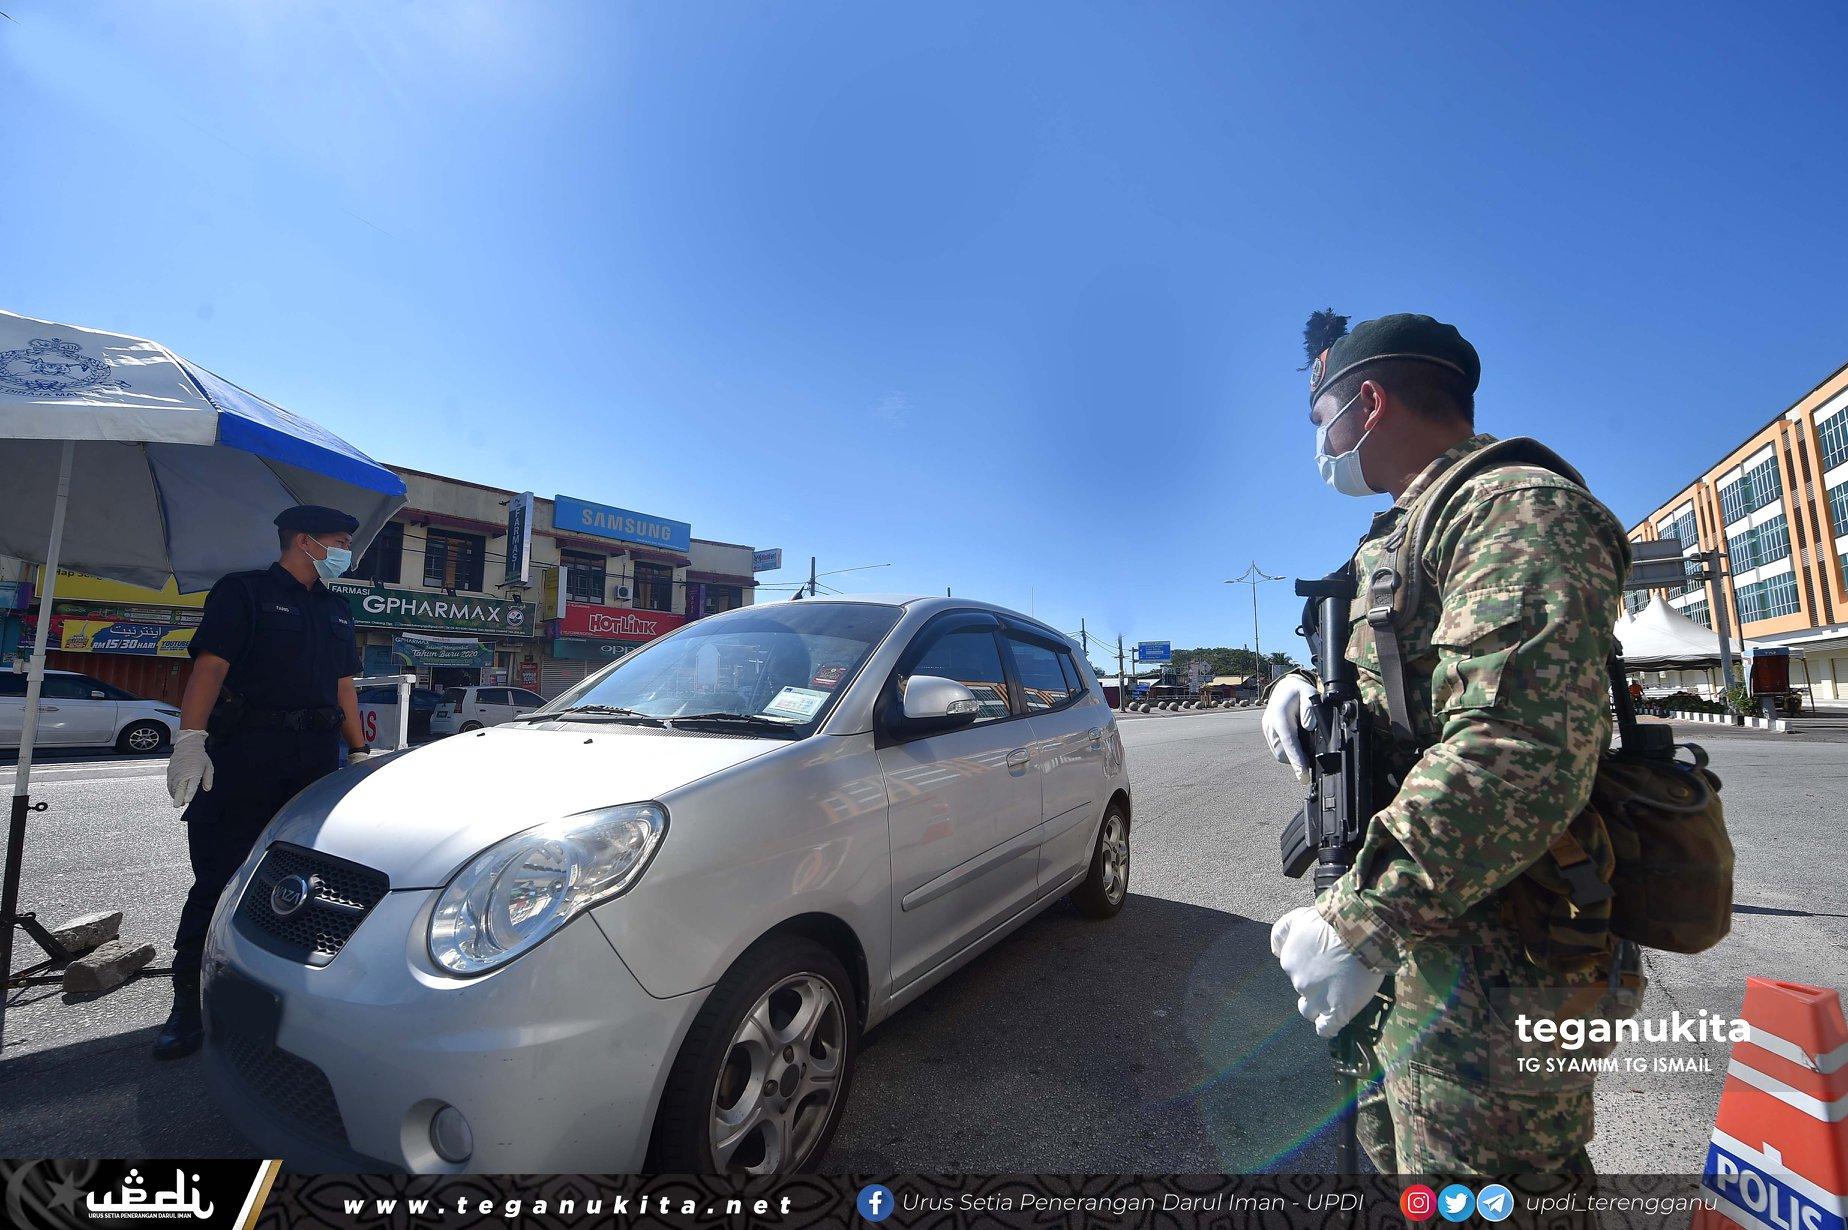 Bersama kita hargai pengorbanan pihak polis dan tentera dalam memerangi penularan wabak COVID19 tidak mengira masa, tempat dan cuaca demi memastikan arahan PKP dipatuhi bersama.